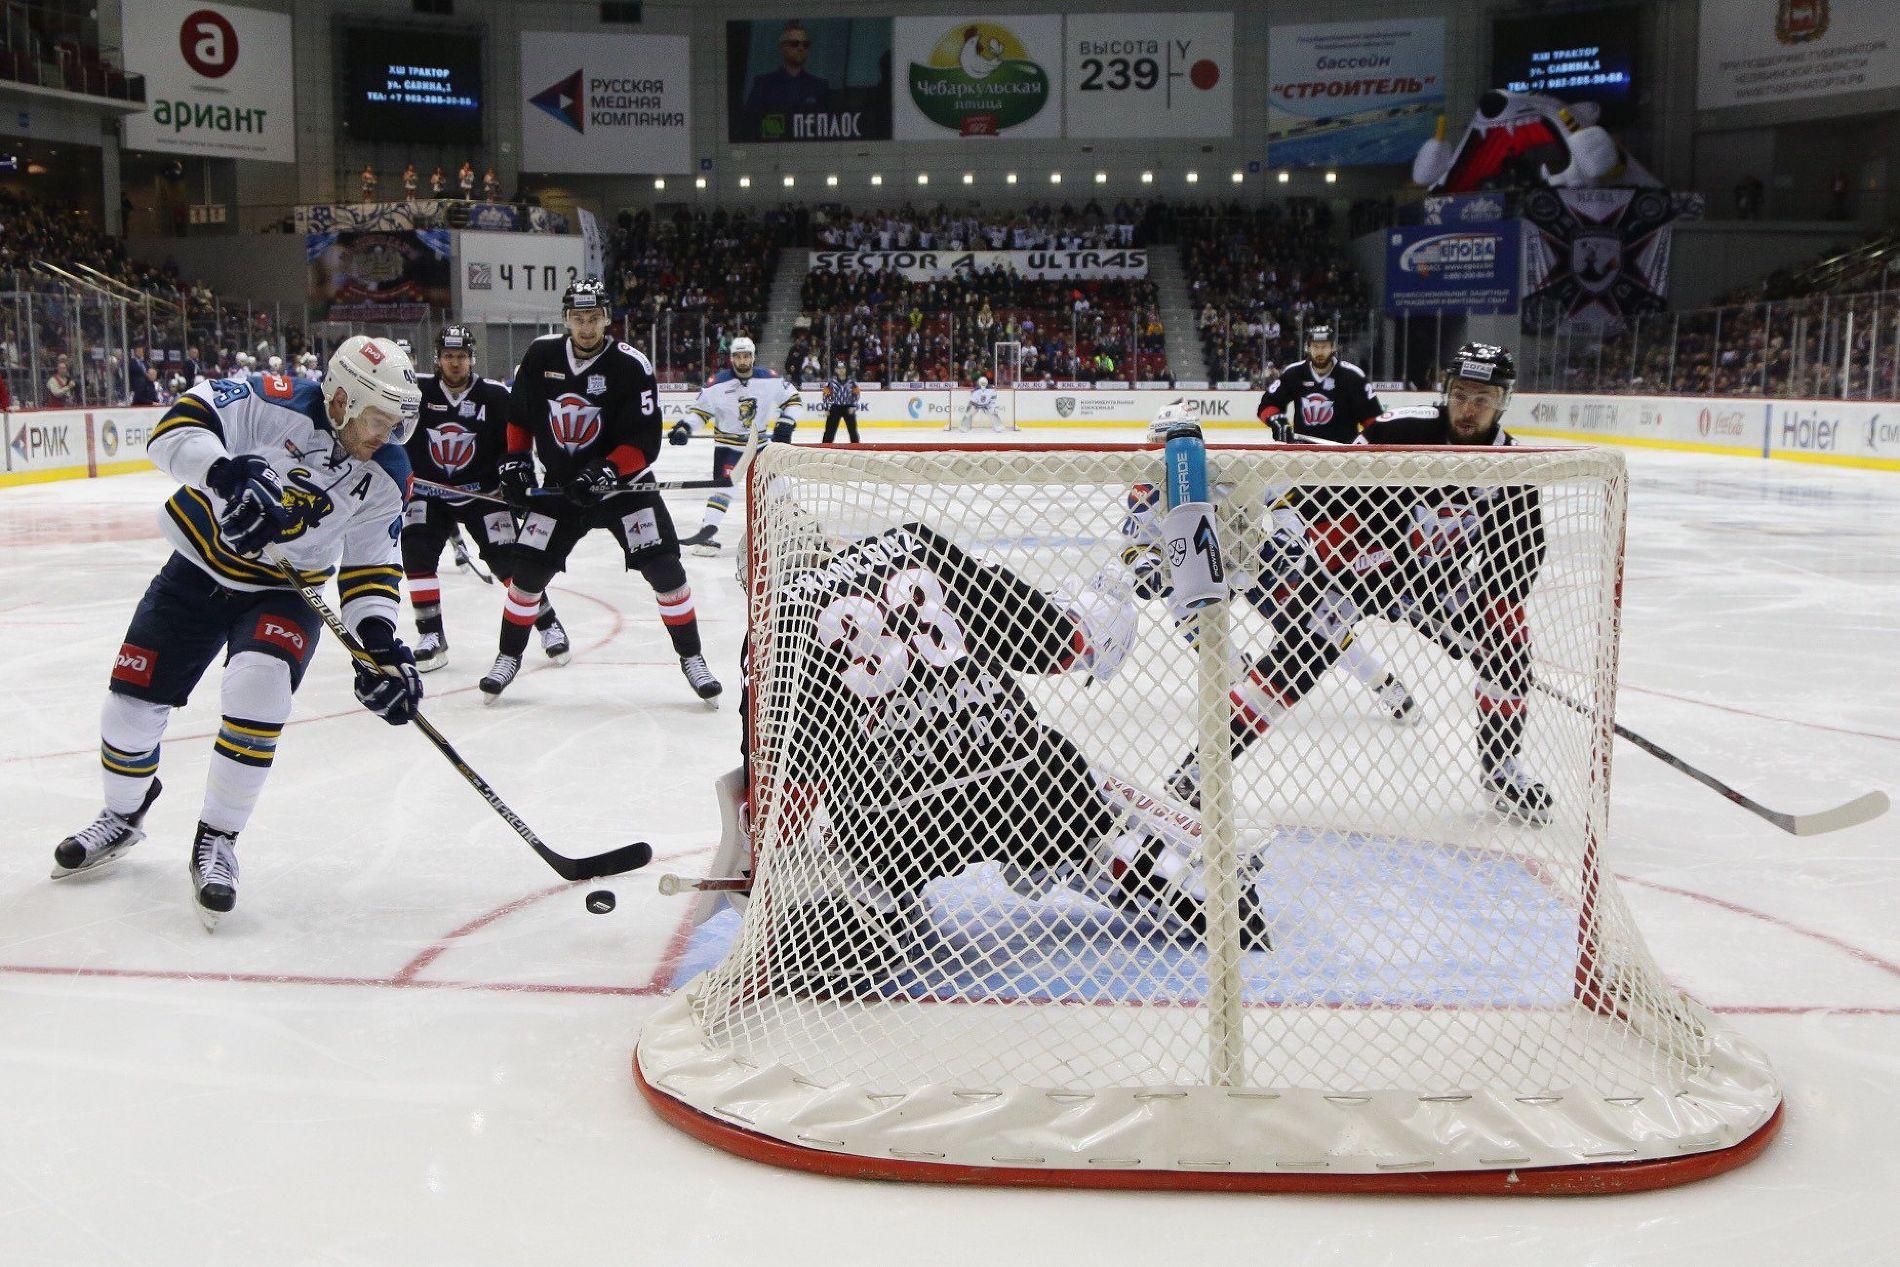 Хоккеисты «Сочи» побуллитам переиграли челябинский «Трактор» вматче КХЛ